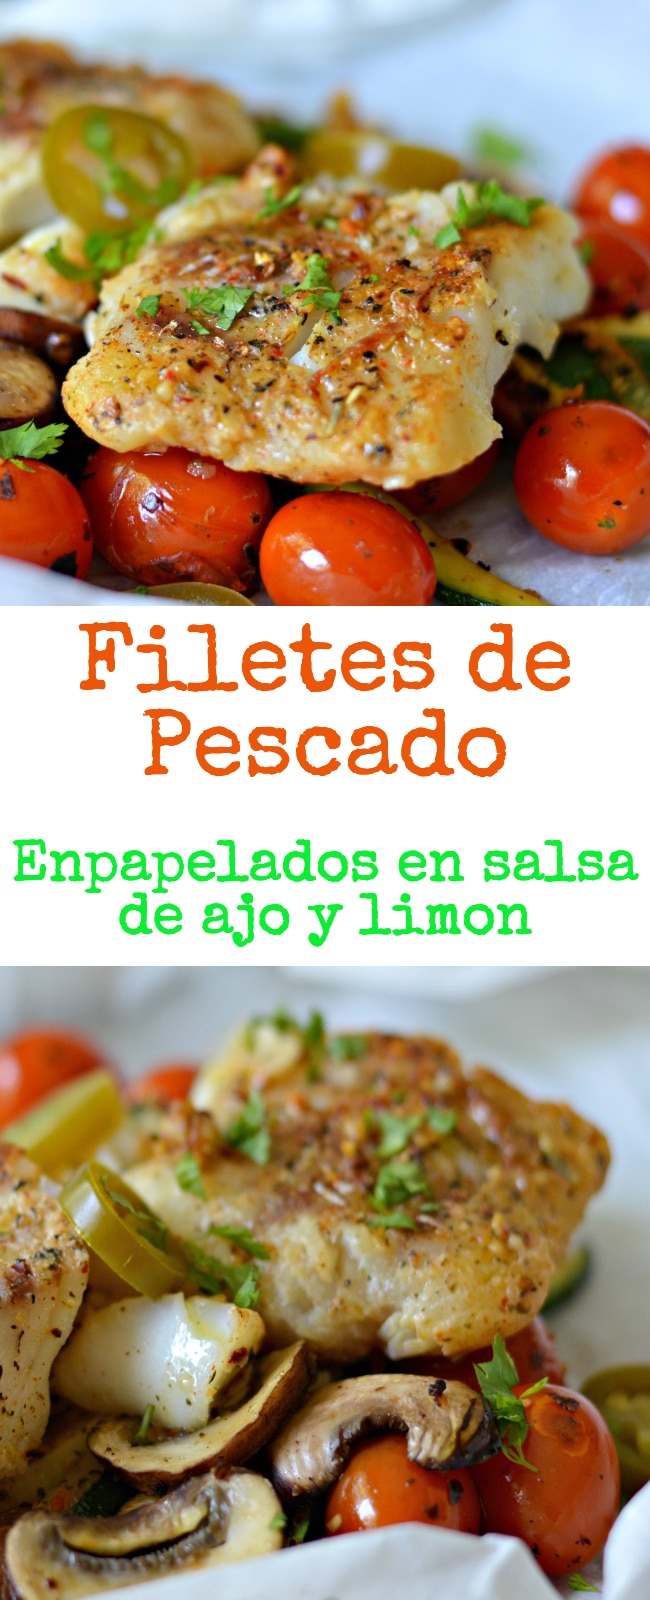 Esta receta para filetes de pescado empapelados en salsa de ajo y limon te dejara con ganas de comer mas.